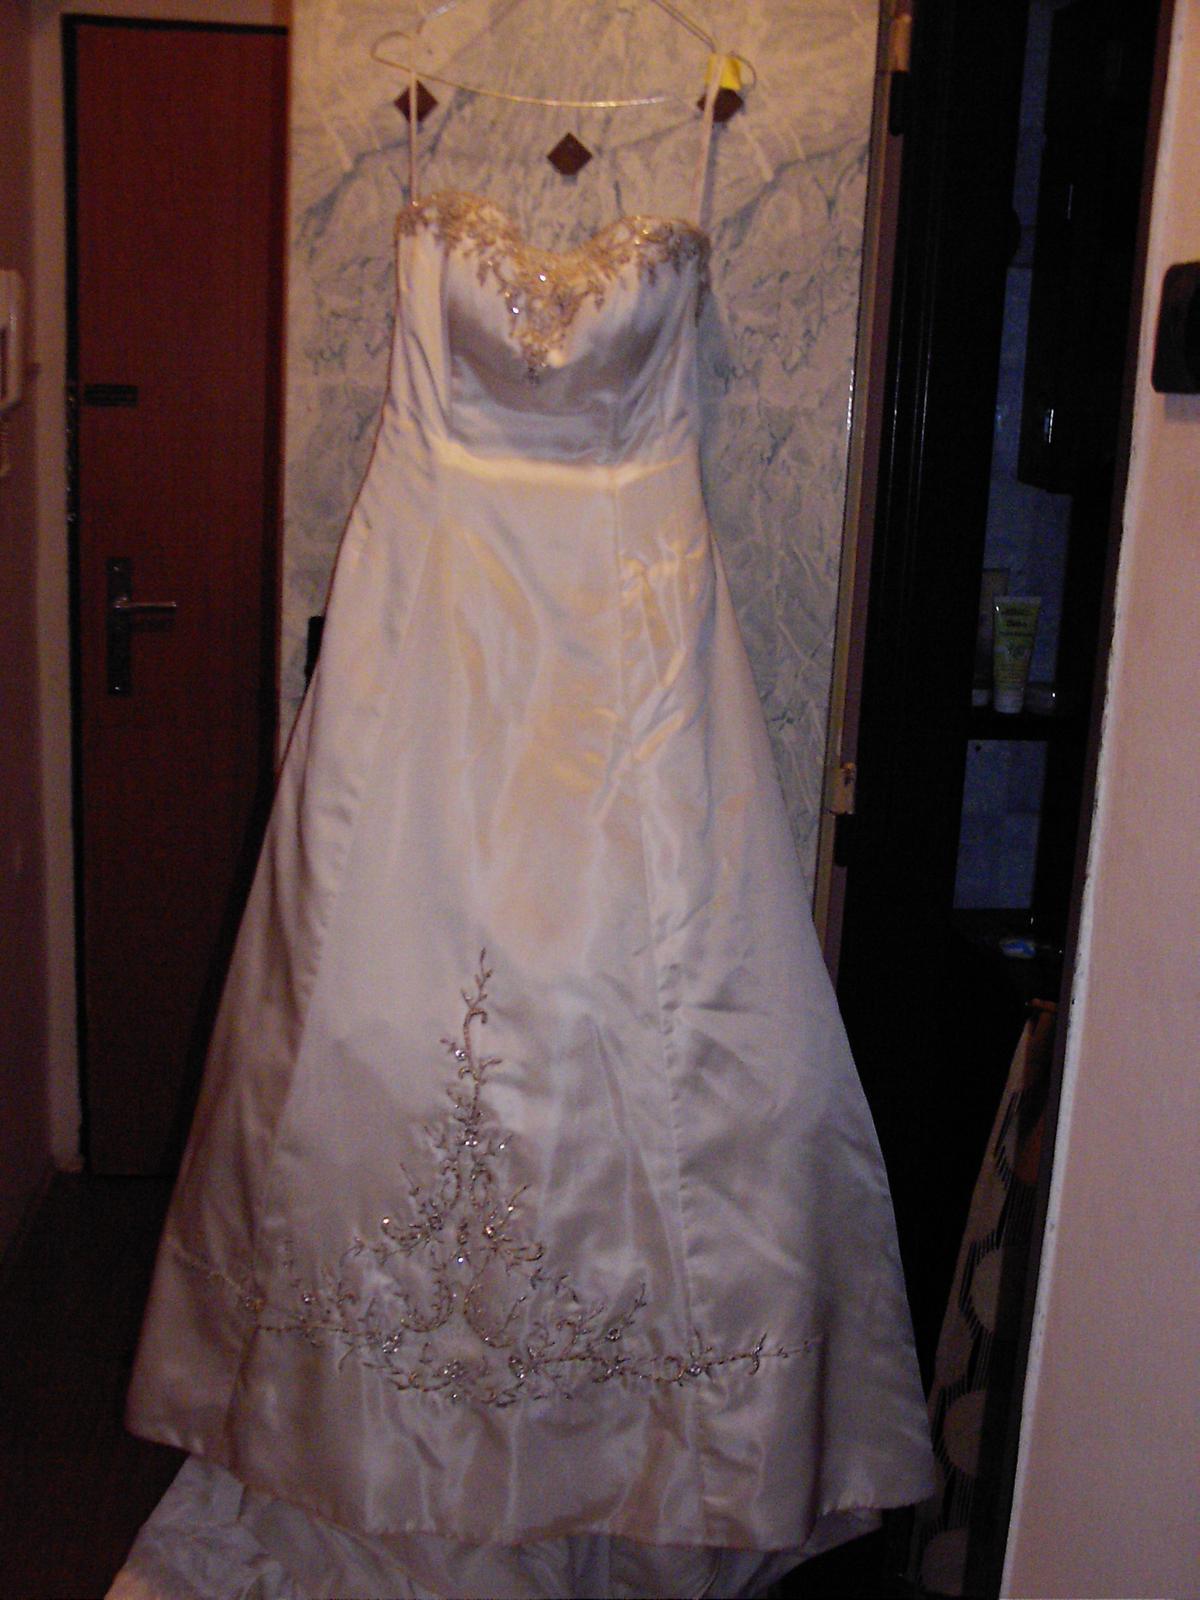 Luxusni Svatebni Saty Od Alfreda Angela 37 3 500 Kc Svatebni